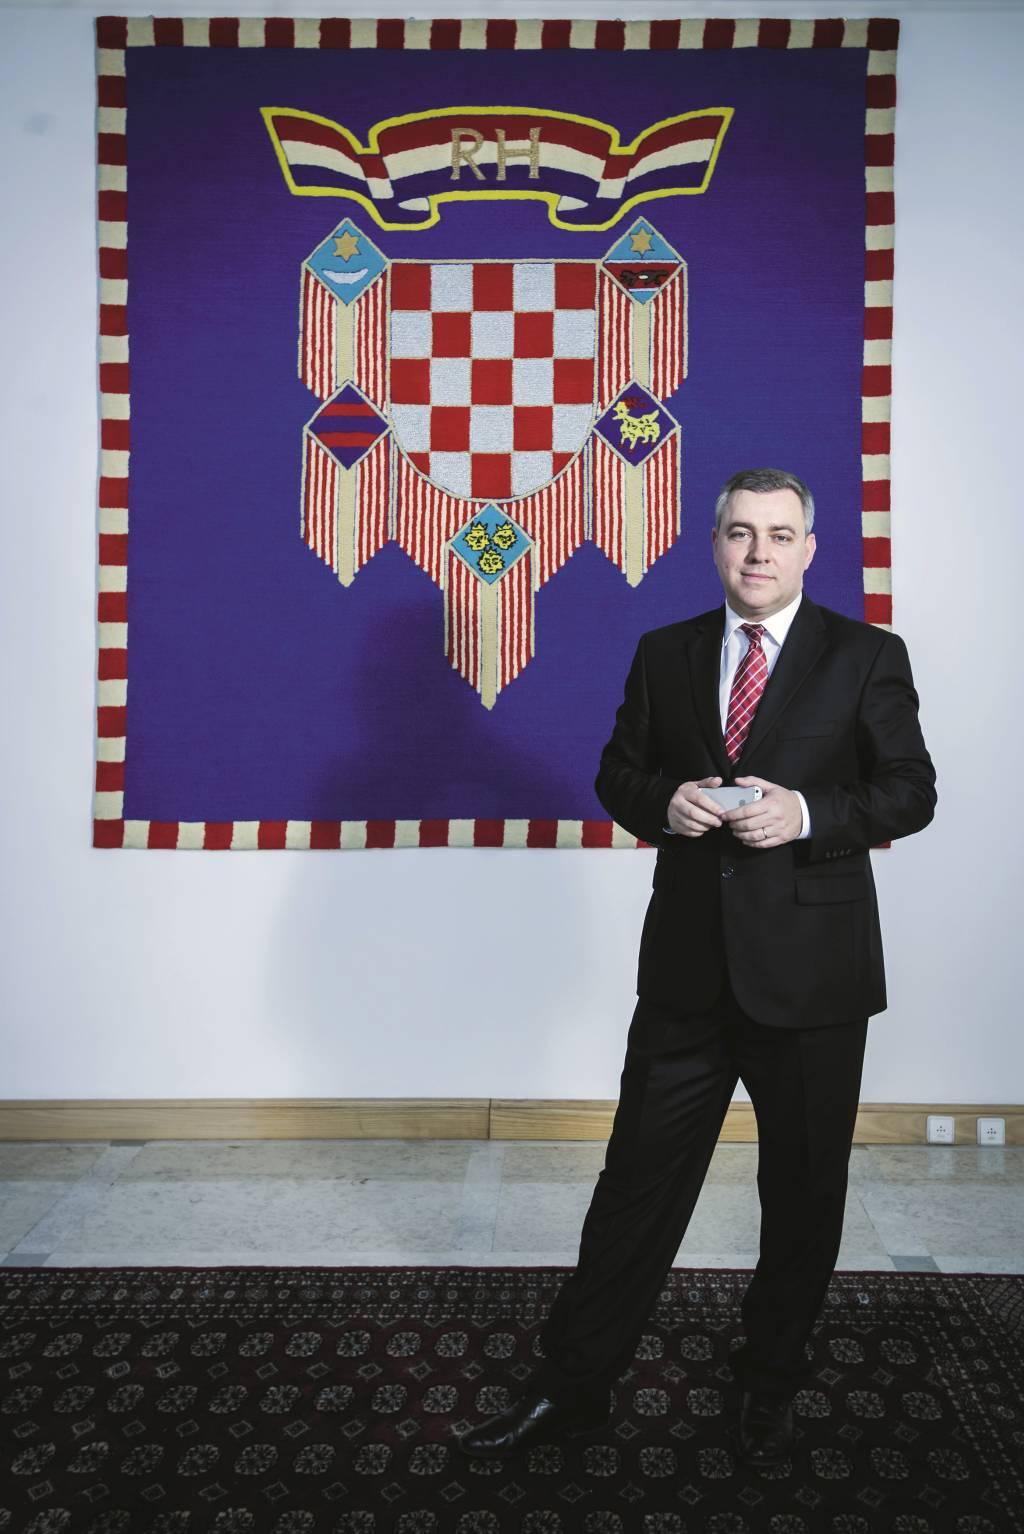 Zagreb, 200215. Mate Radeljic, savjetnik predsjednice Kolinde Grabar Kitarovic, za unutarnju politiku. Foto: Neja Markicevic / CROPIX